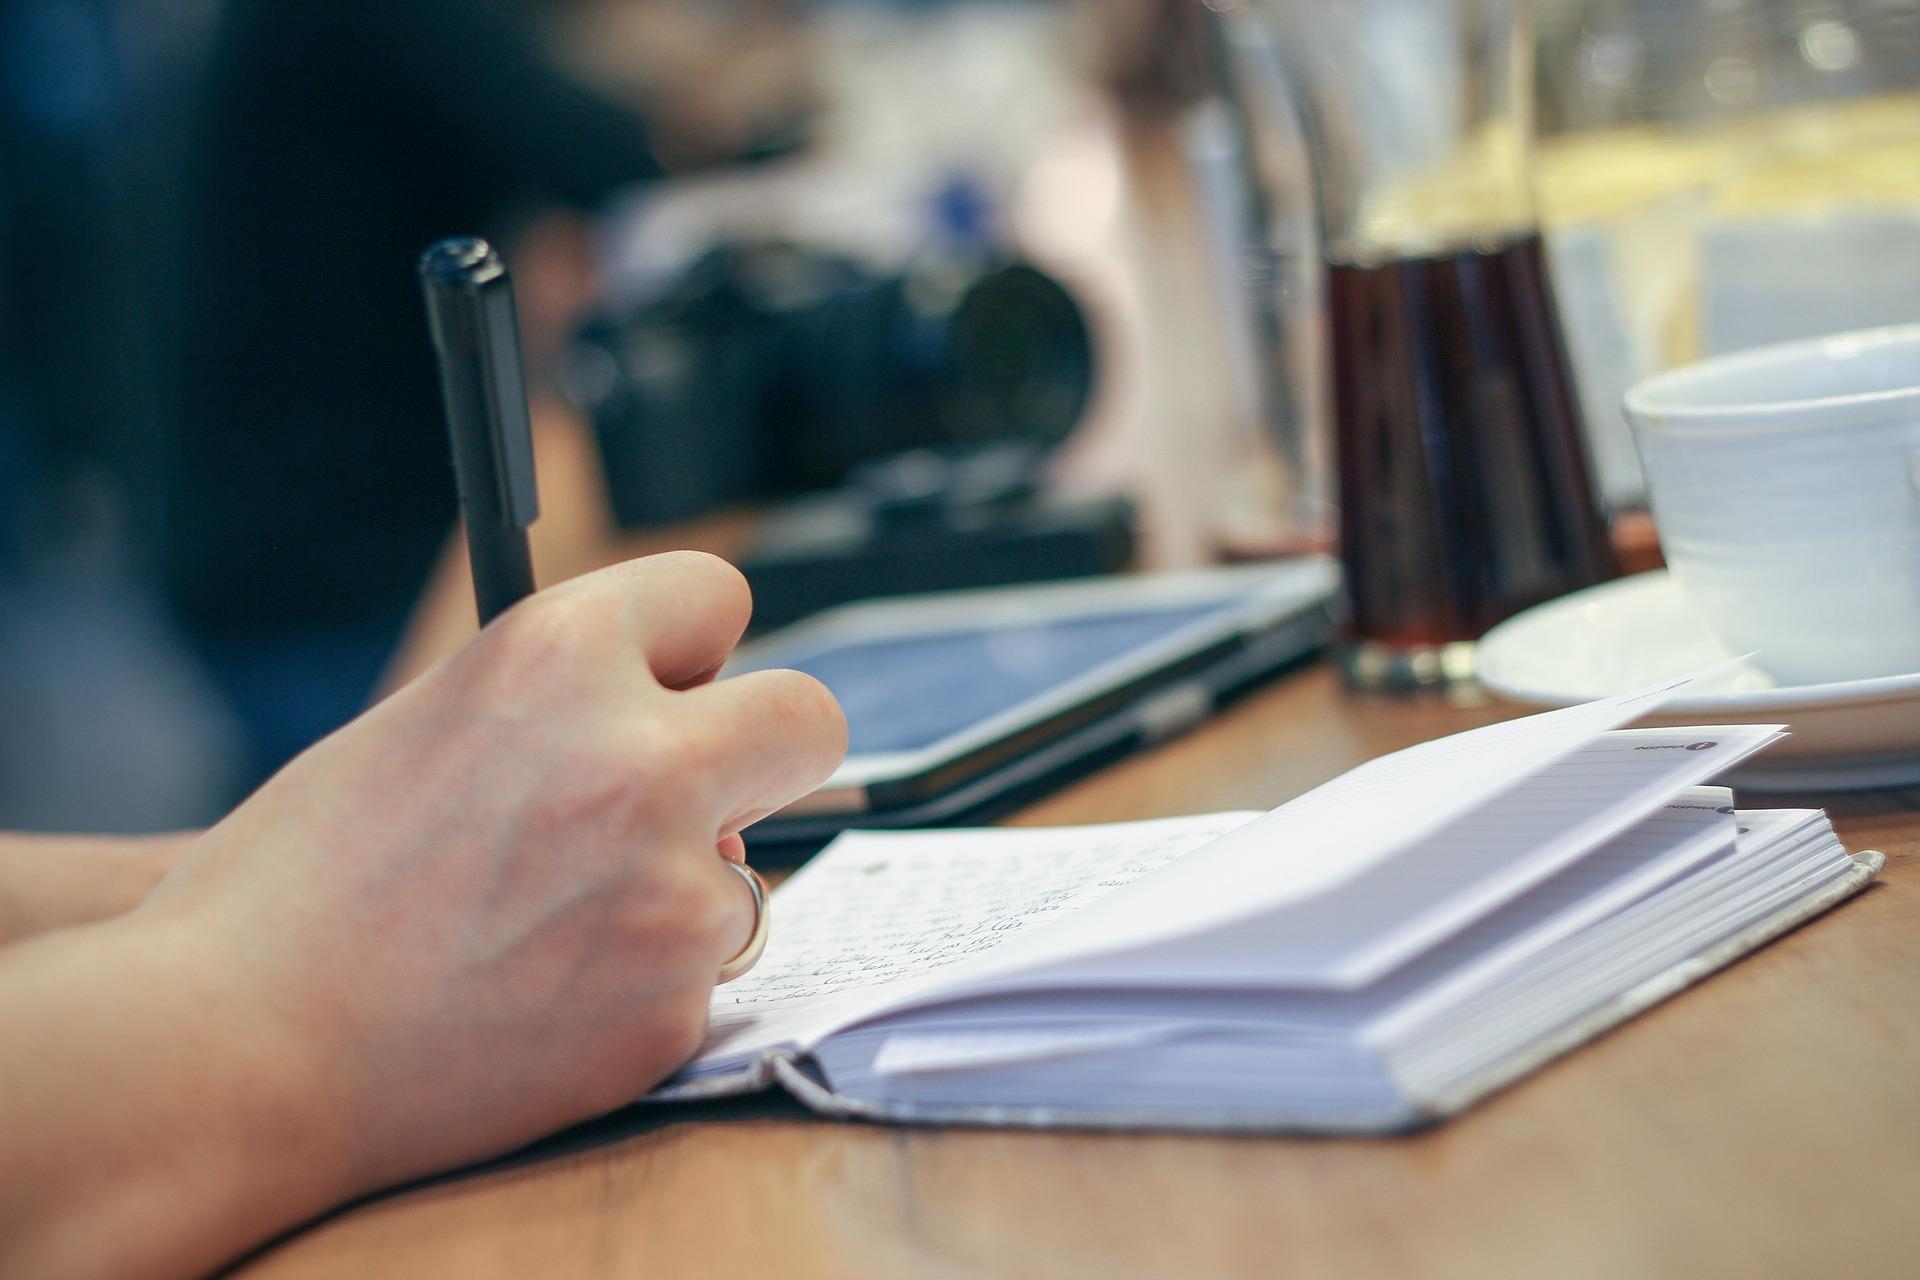 Как Правильно Написать Заявление в Суд на Выписку из Квартиры Бывшего Мужа